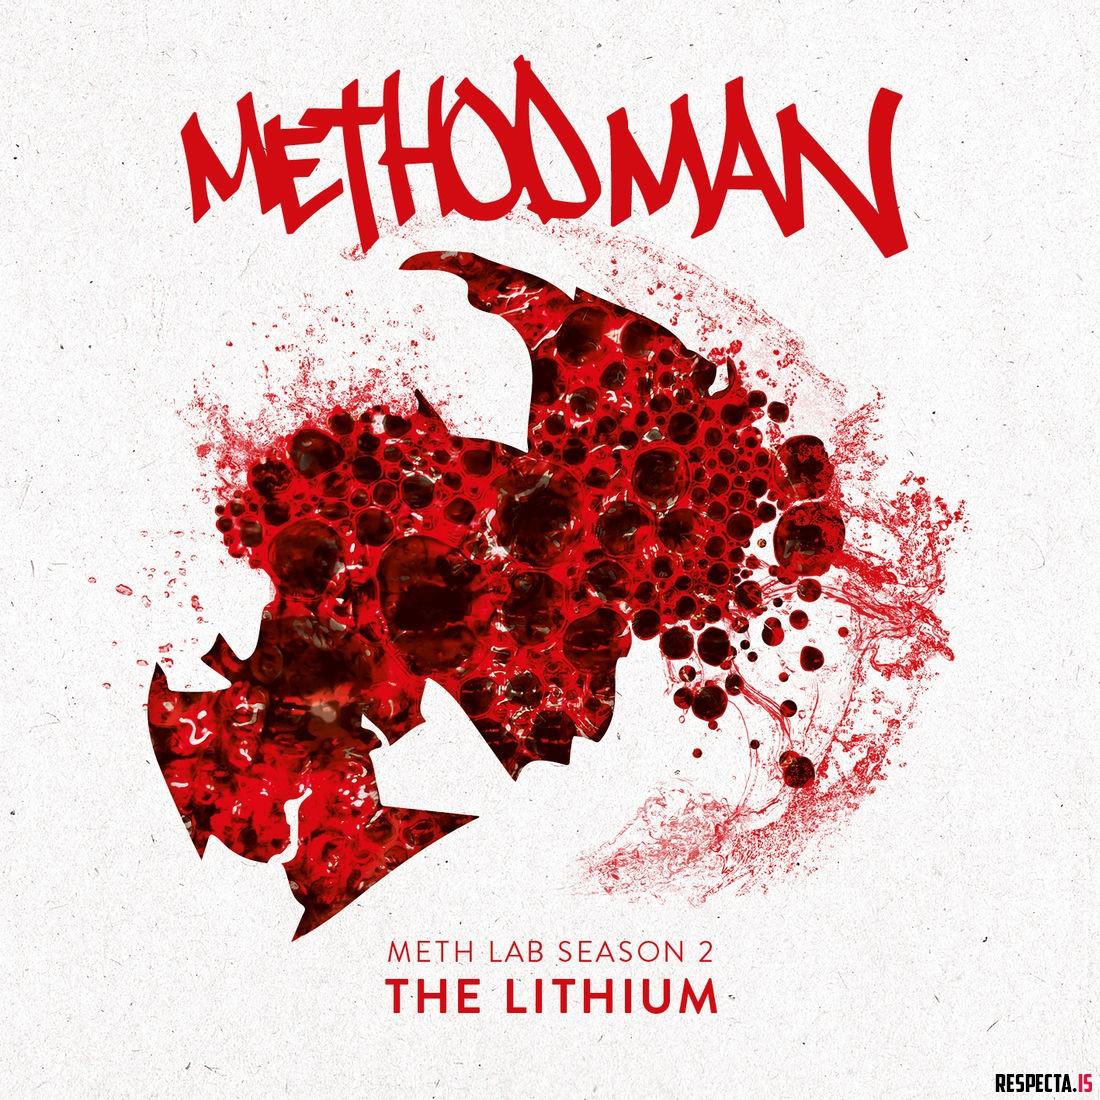 1544697839_method-man-meth-lab-ii-the-li